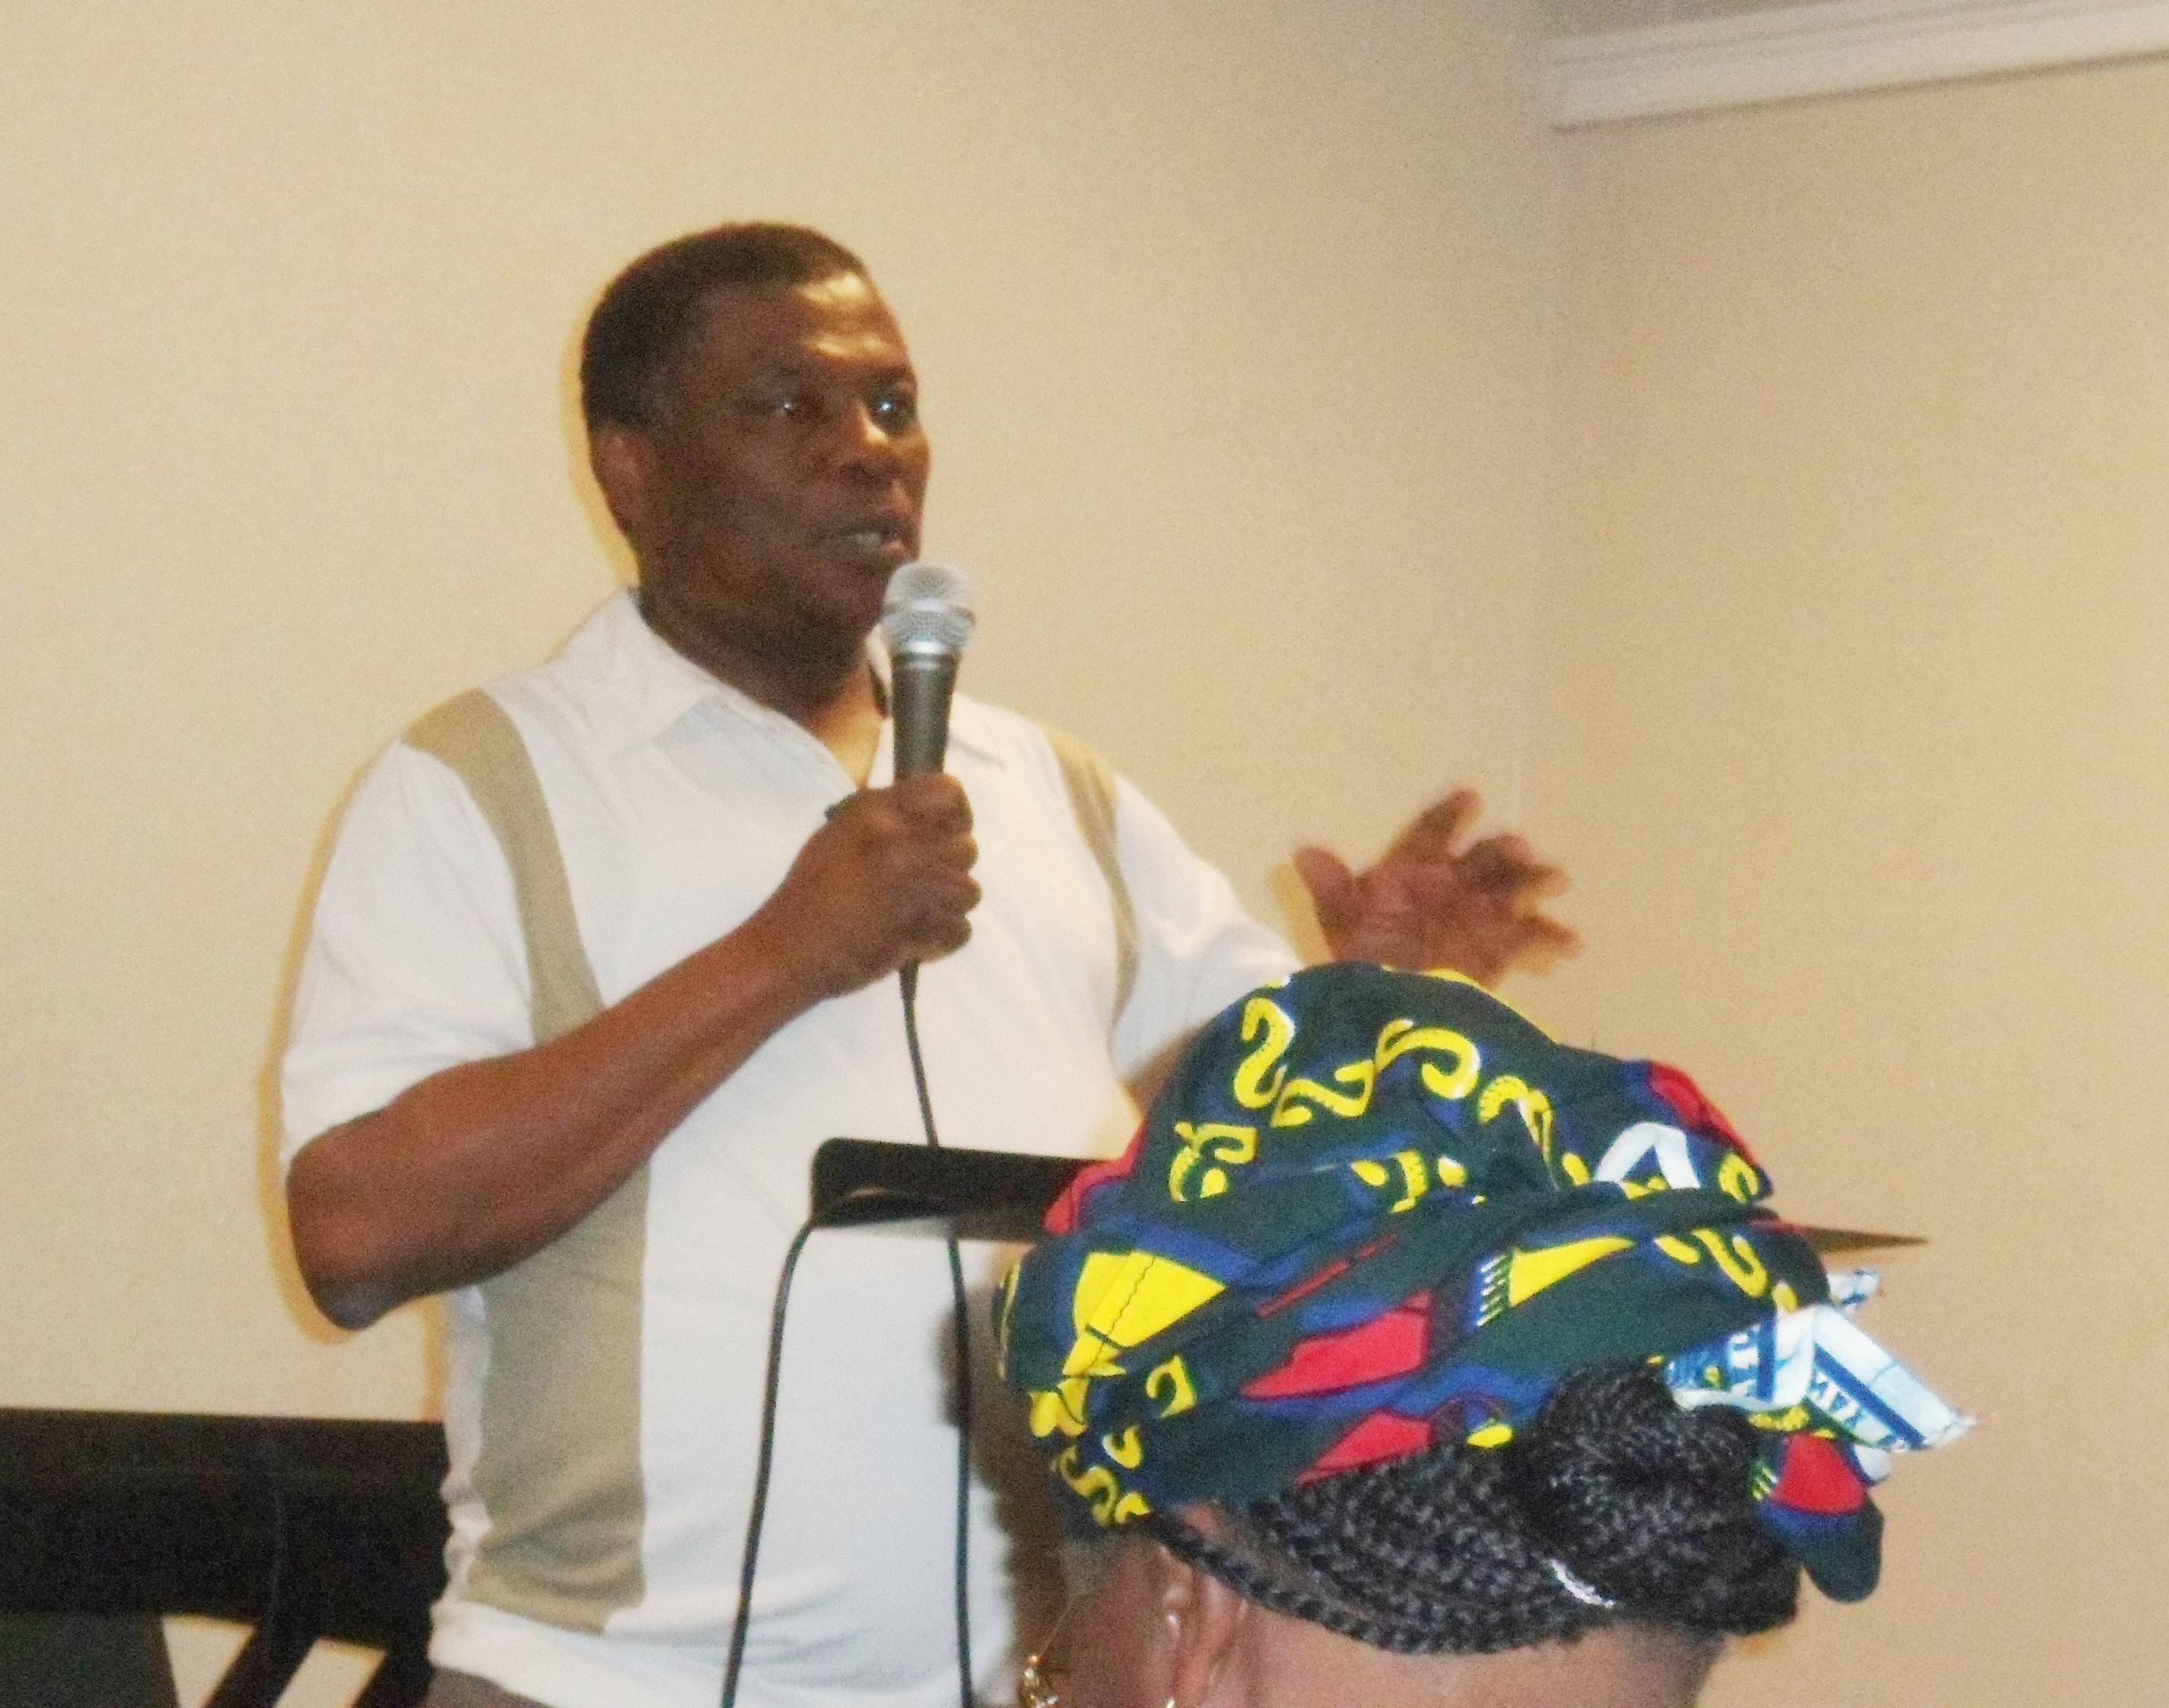 Rev. Innocent Nwaobasi, Chairman, ECWA Local Organizing Committee